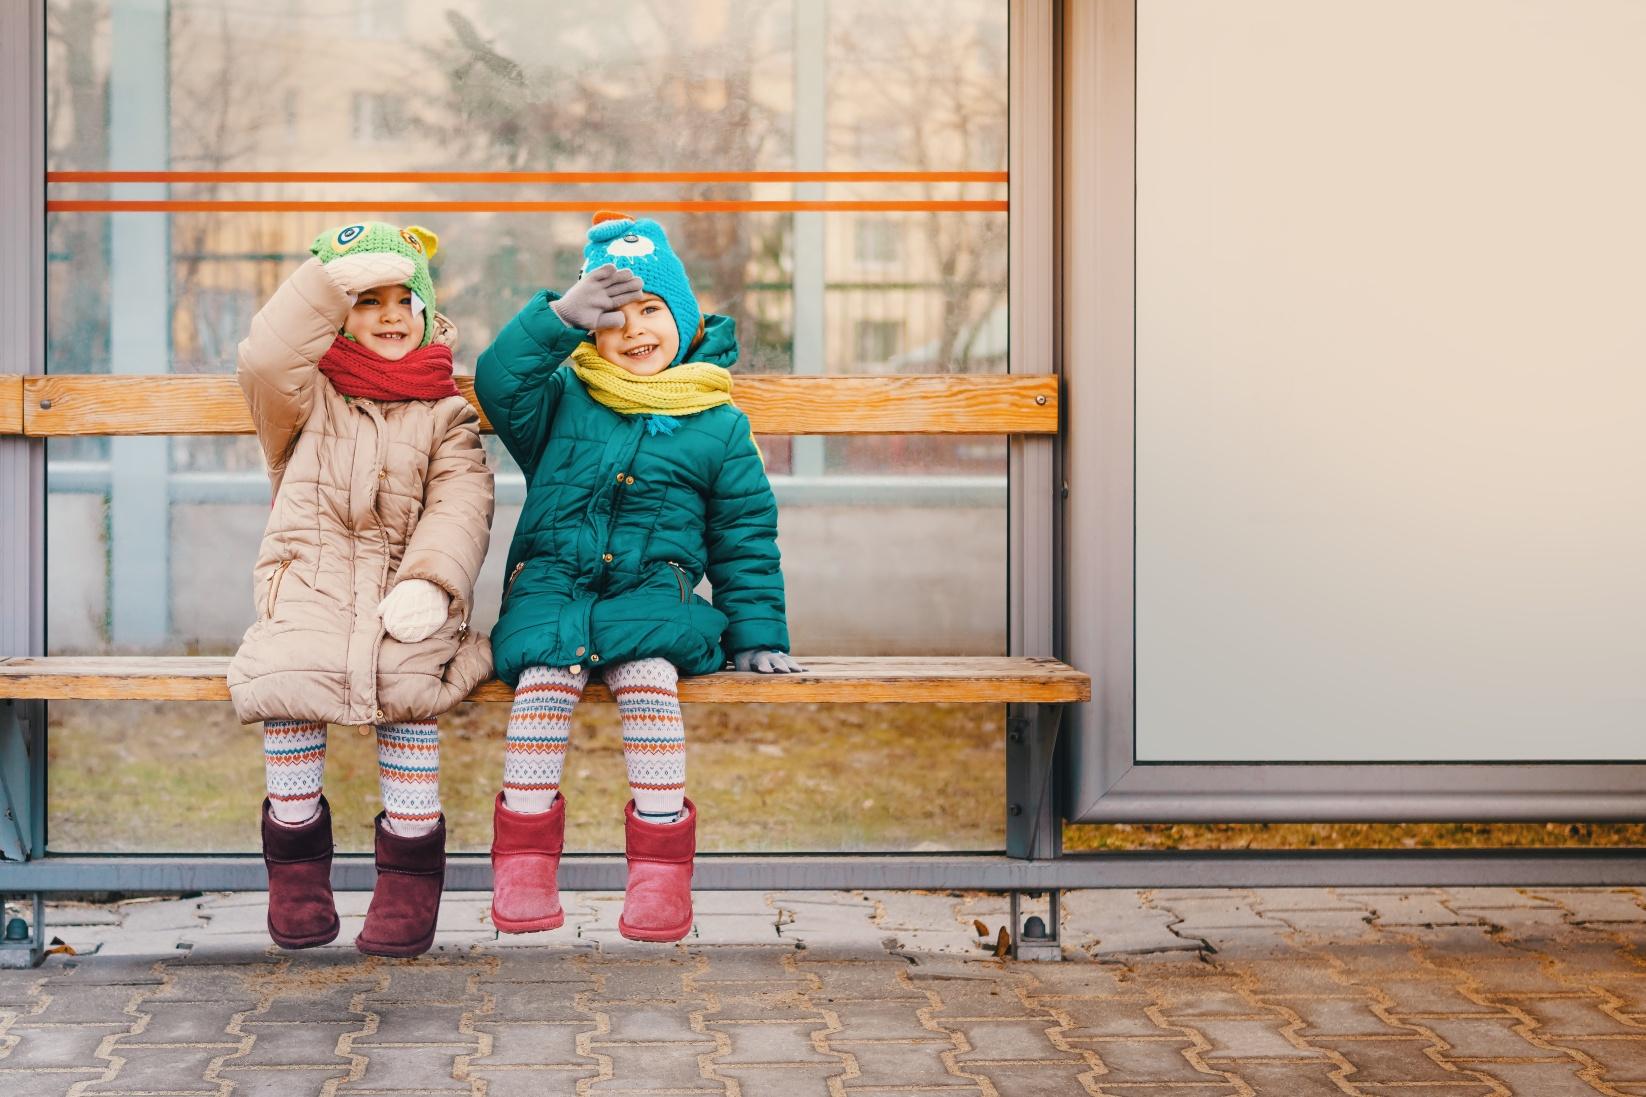 Улица: правила безопасности для ребёнка